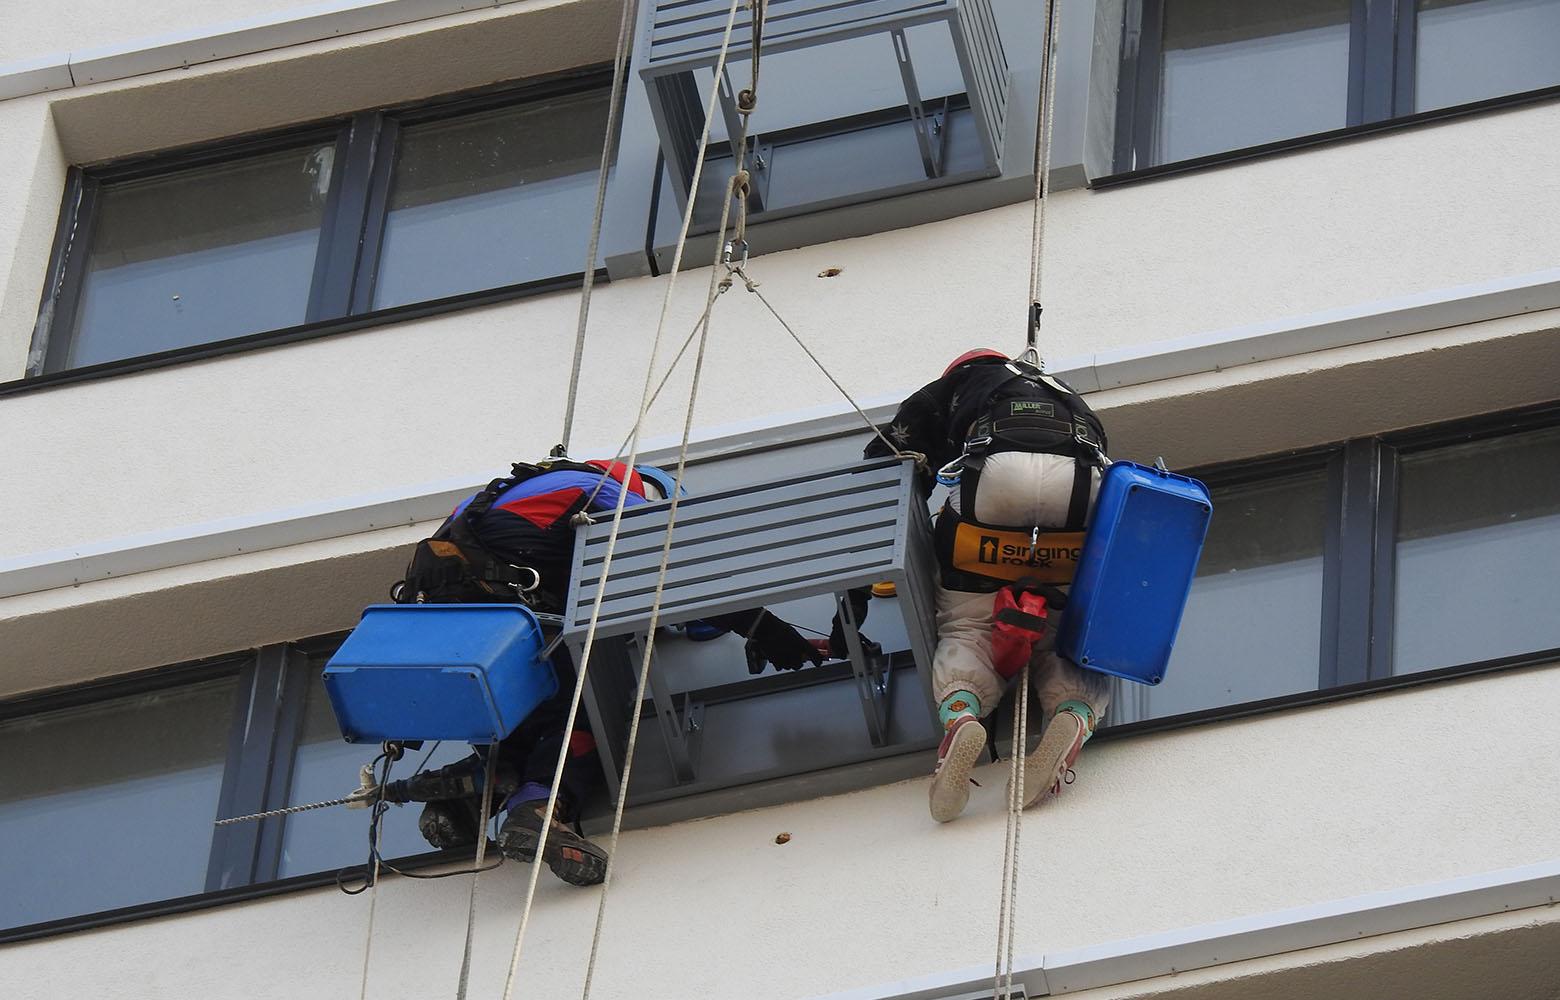 Установка корзины для кондиционера альпинистами.